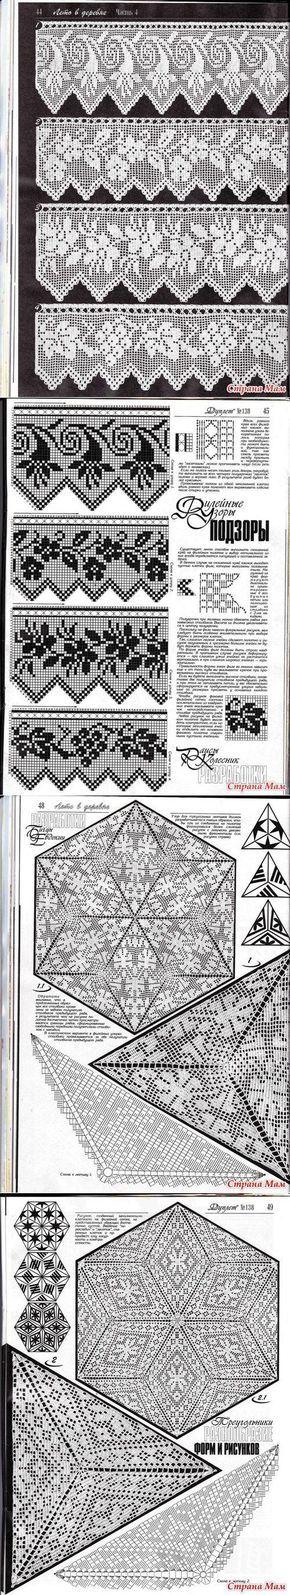 La colección de las cintas: la orla y los triángulos | samobranochka - el sitio para las laboreras, las maestras